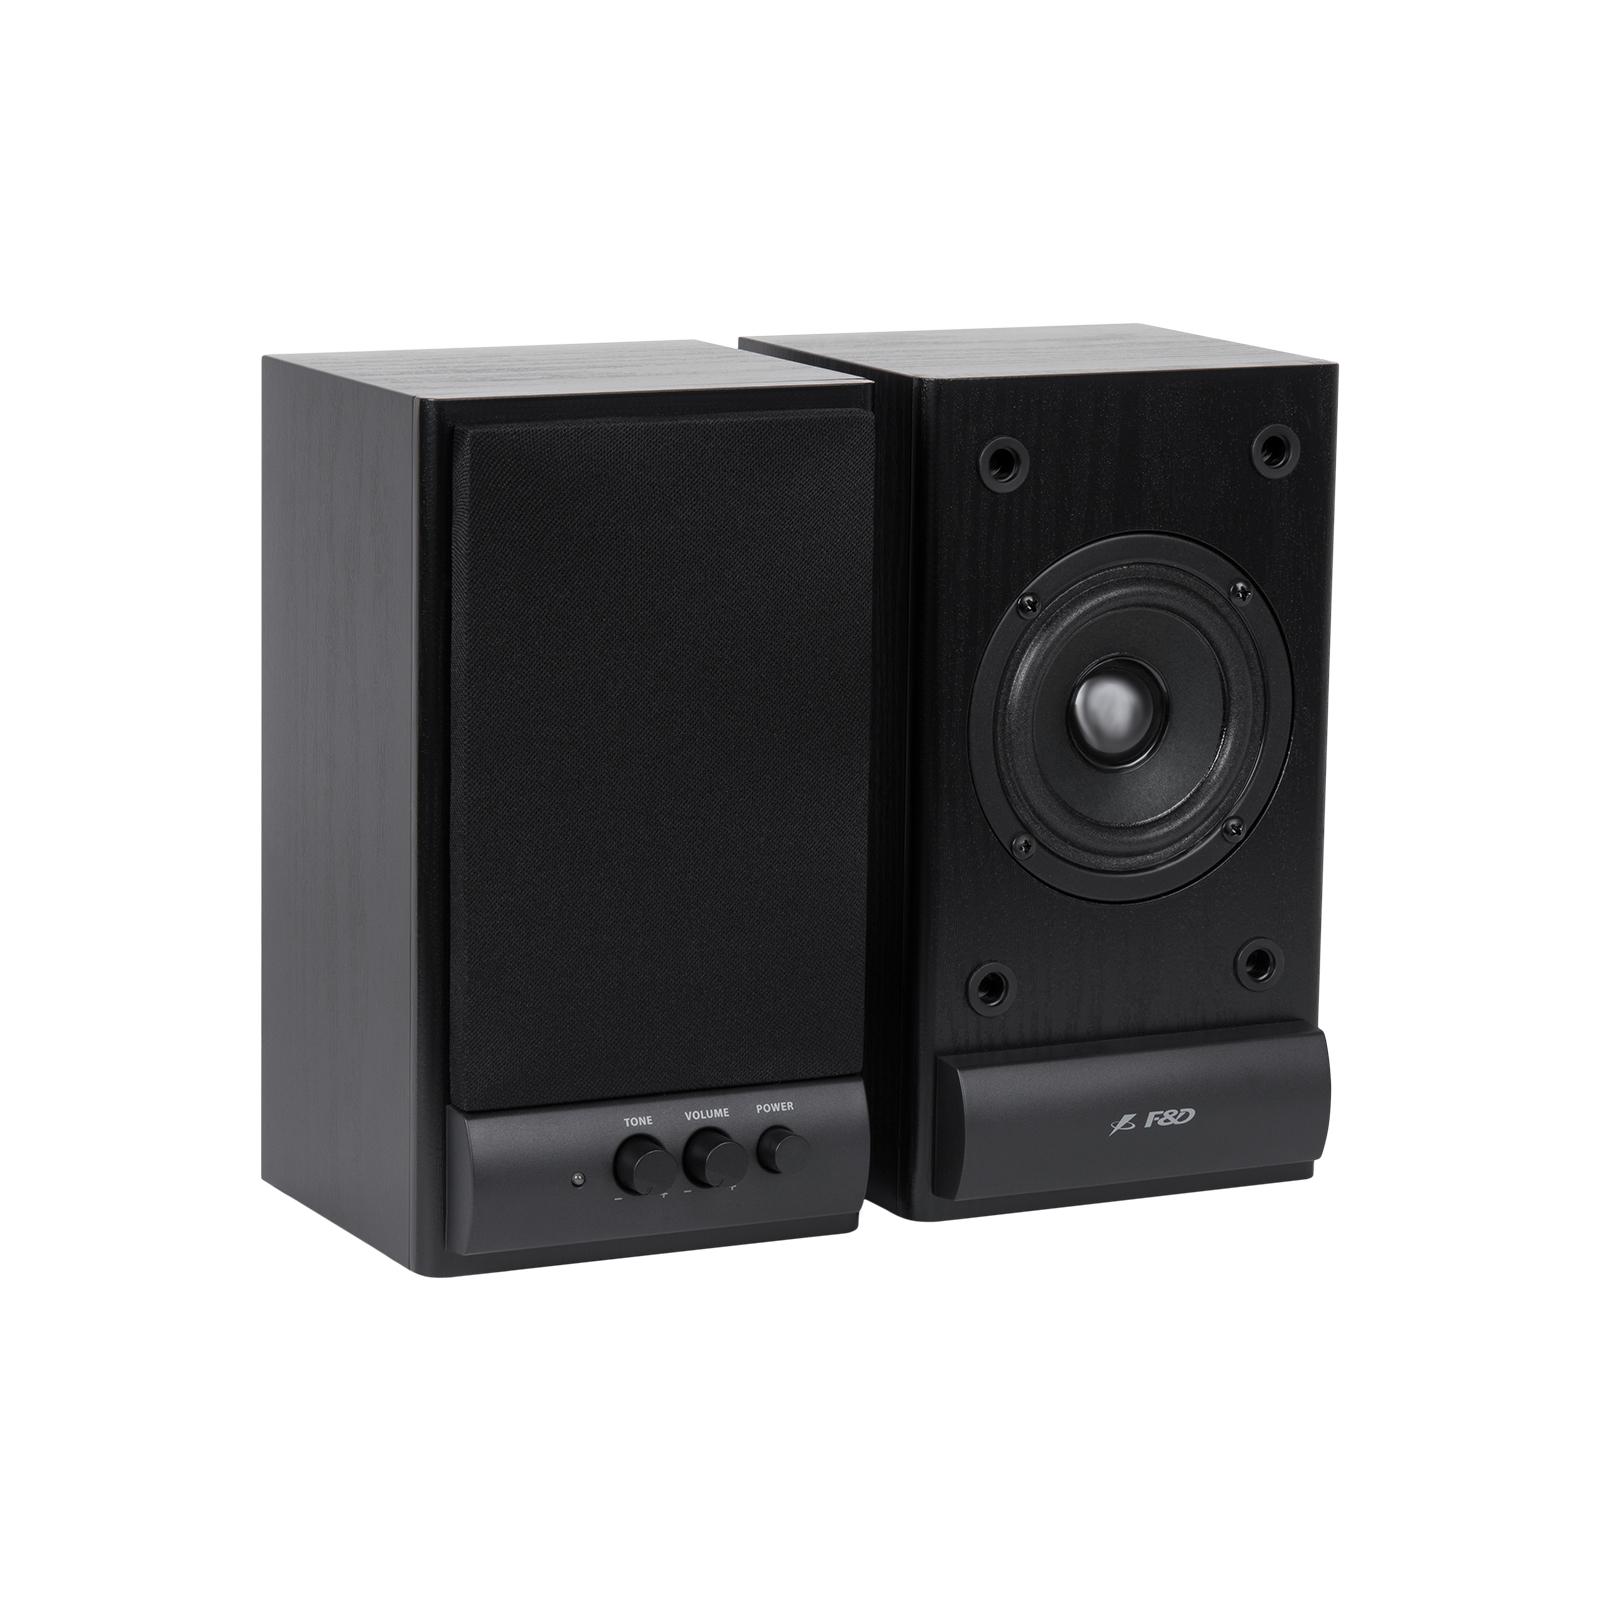 Акустическая система R-215 F&D (R-215 Black)